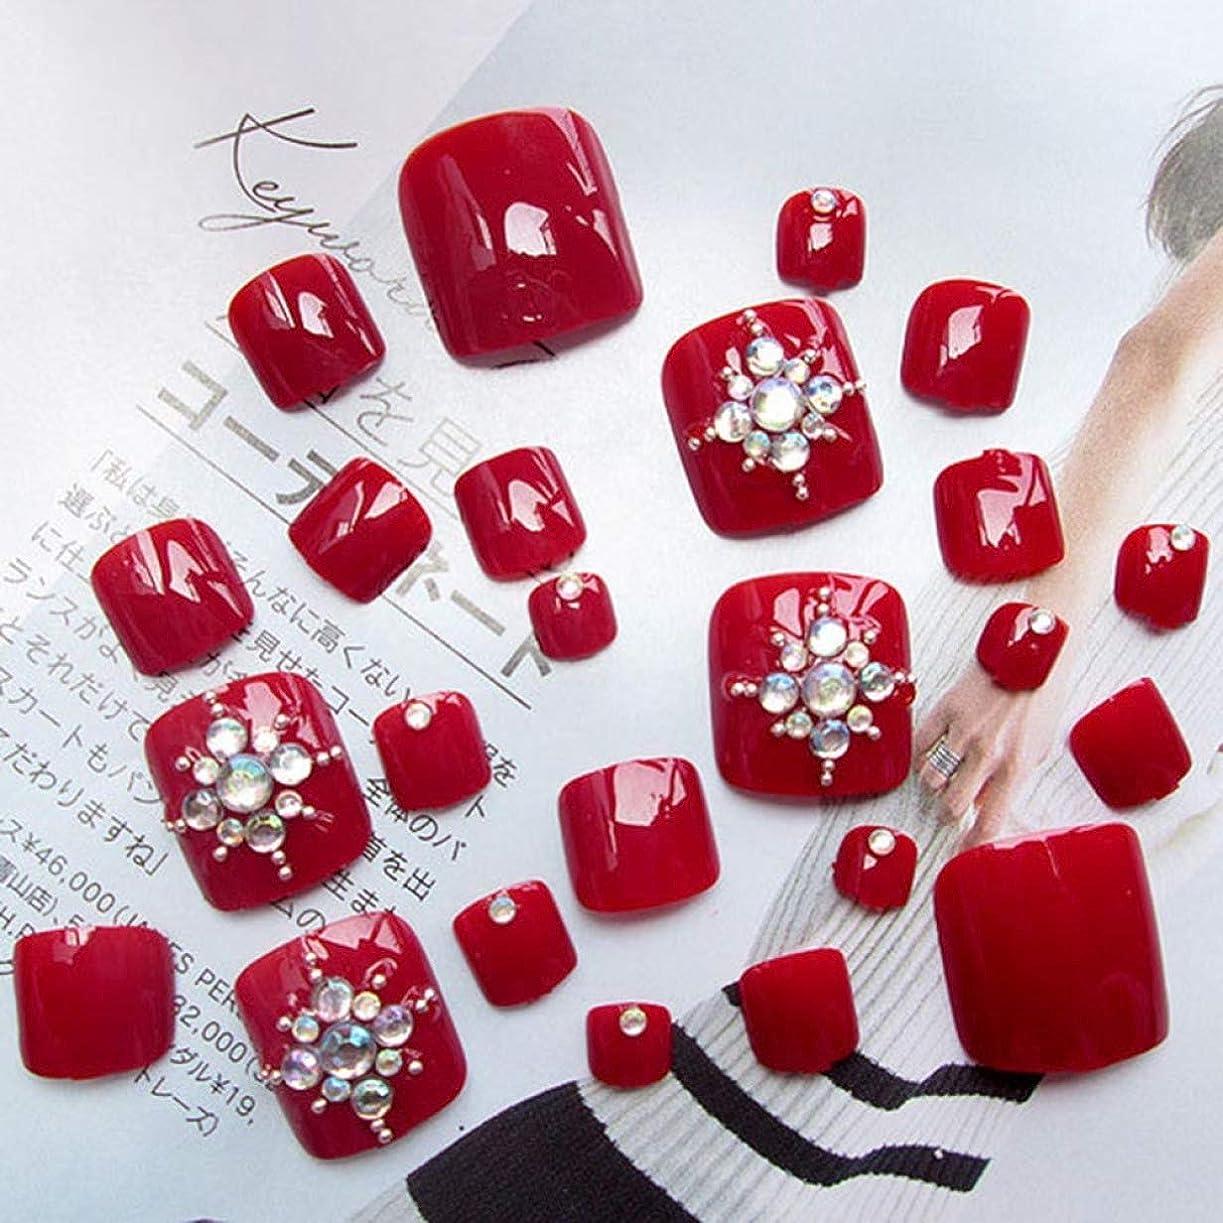 申し立て絵国OU-Kunmlef 特徴24 pcs/セット偽の爪ファッションアクリルUVゲル完全なフランスの偽の爪のヒントマニキュアネイルアートのヒントツール(None Liquor.)